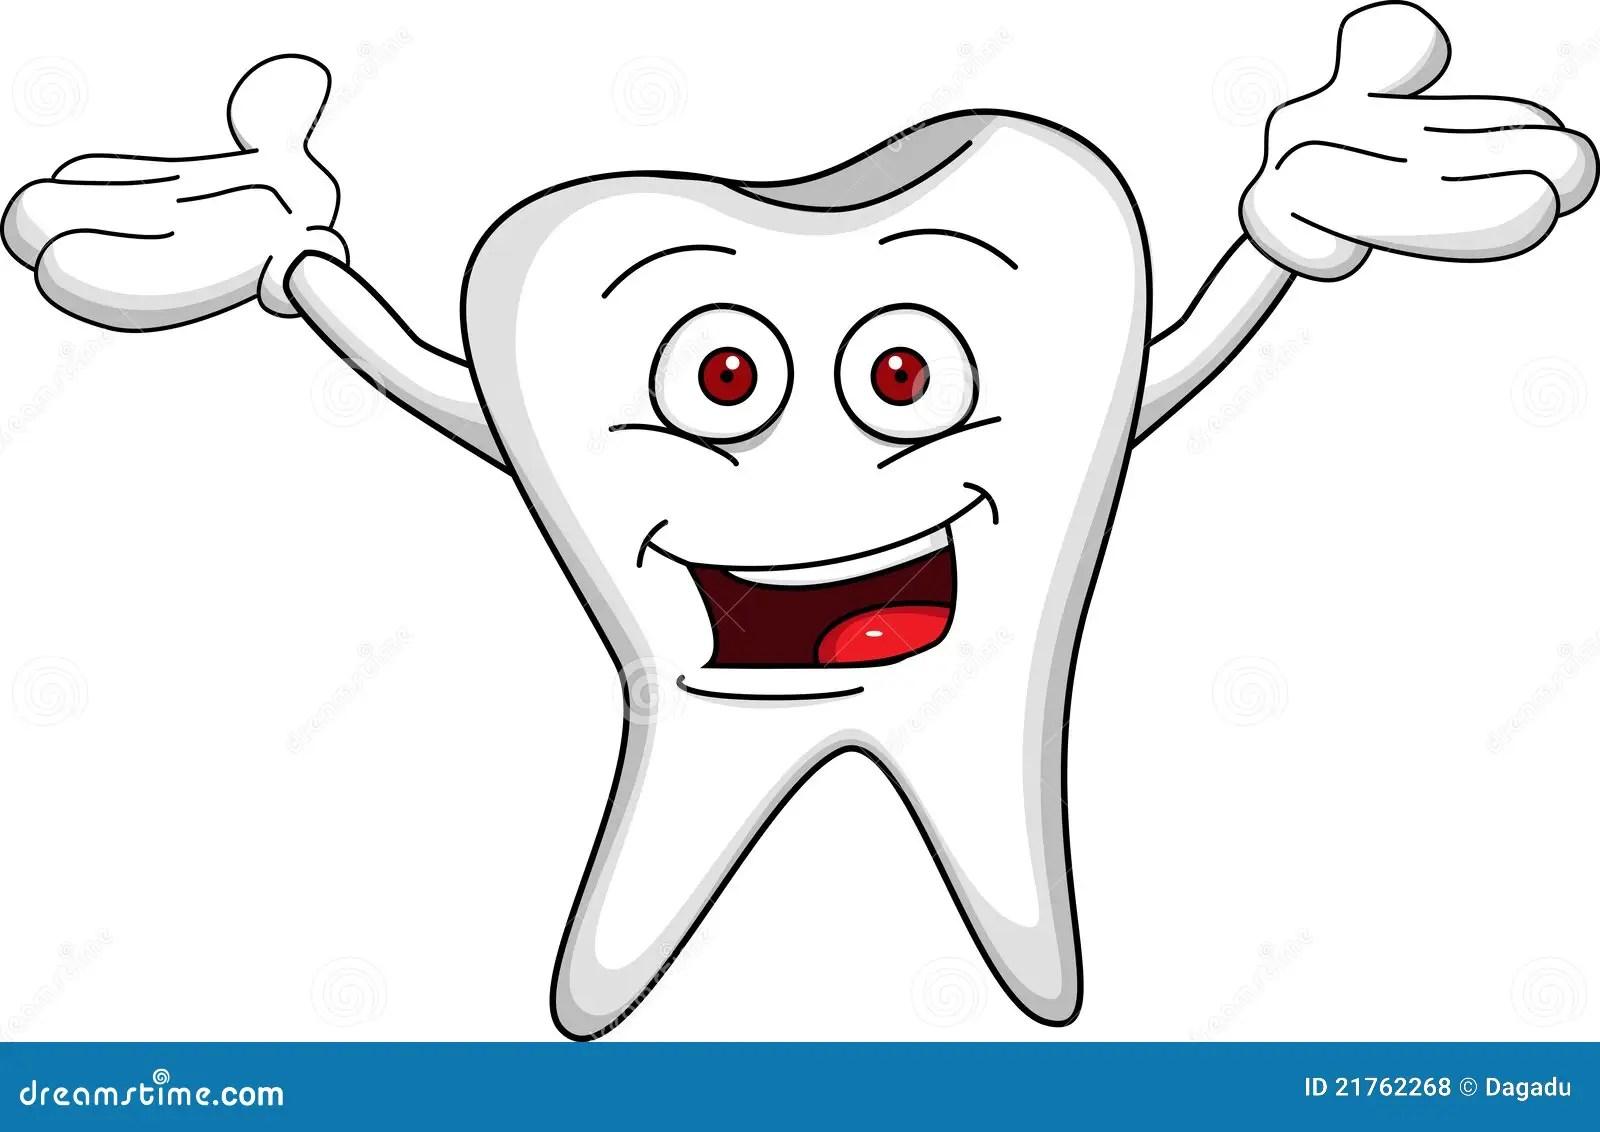 Tooth Cartoon Stock Vector Illustration Of Molar Dentist